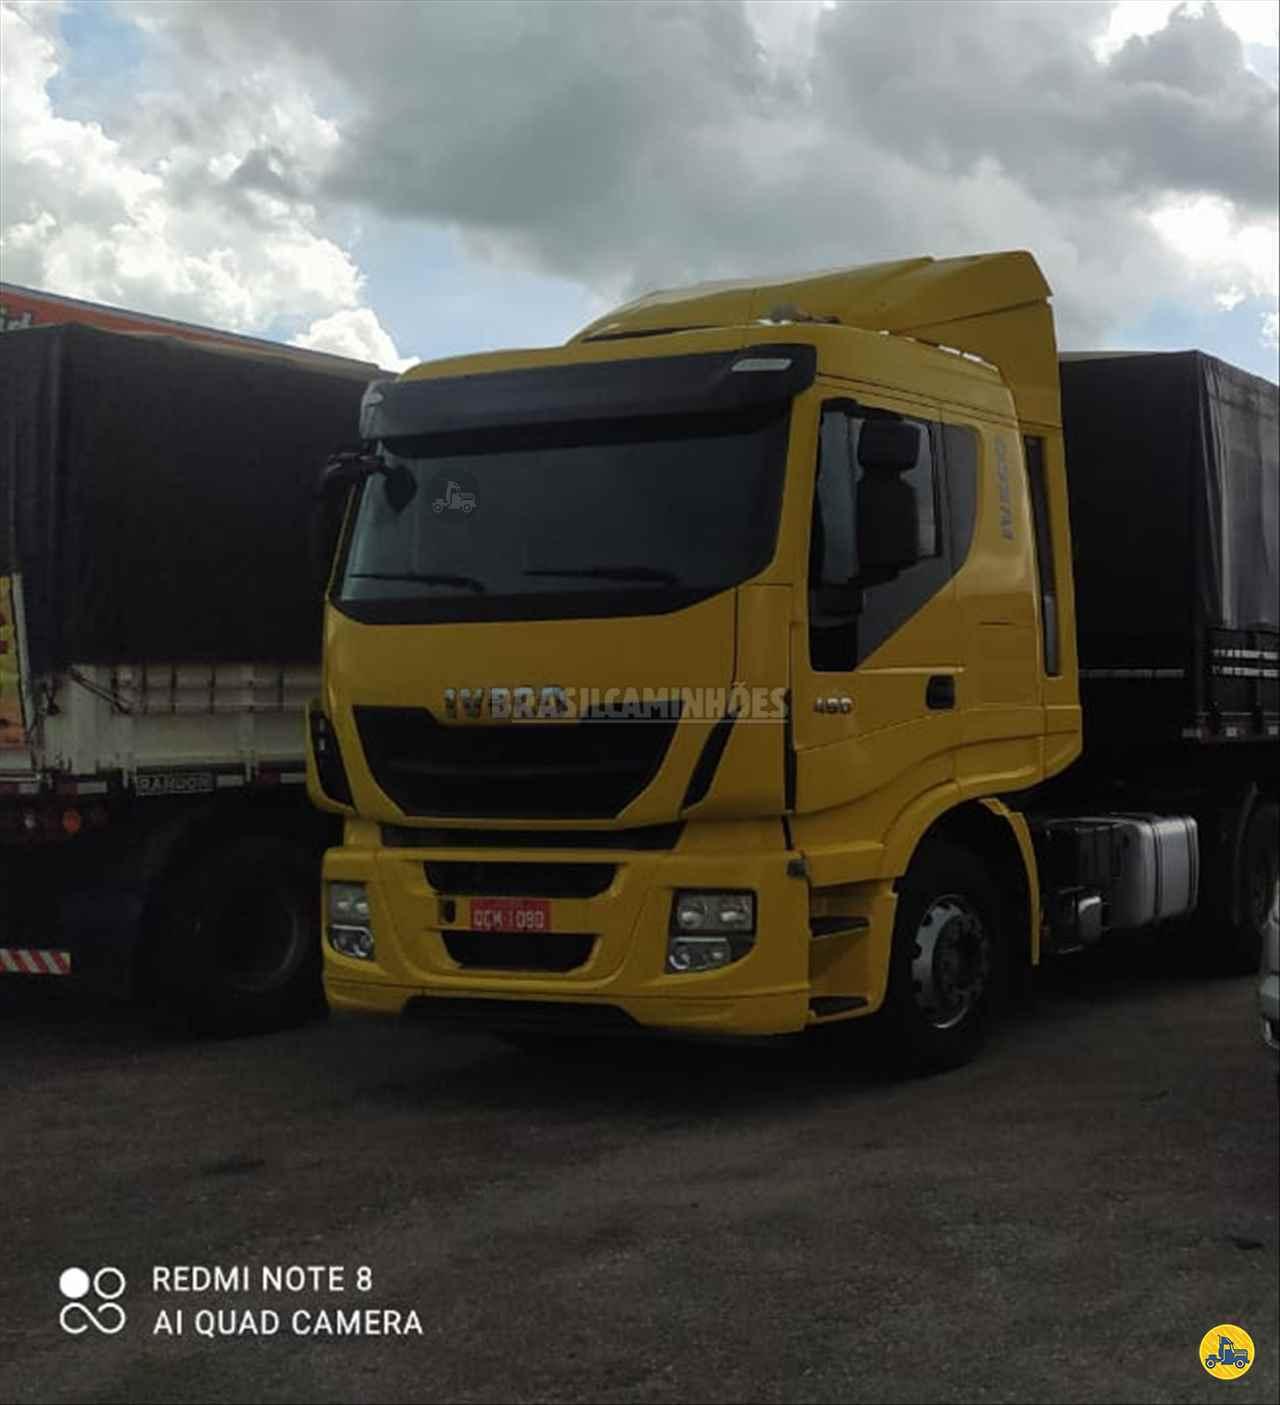 CAMINHAO IVECO STRALIS 480 Cavalo Mecânico Traçado 6x4 Brasil Caminhões Sinop SINOP MATO GROSSO MT